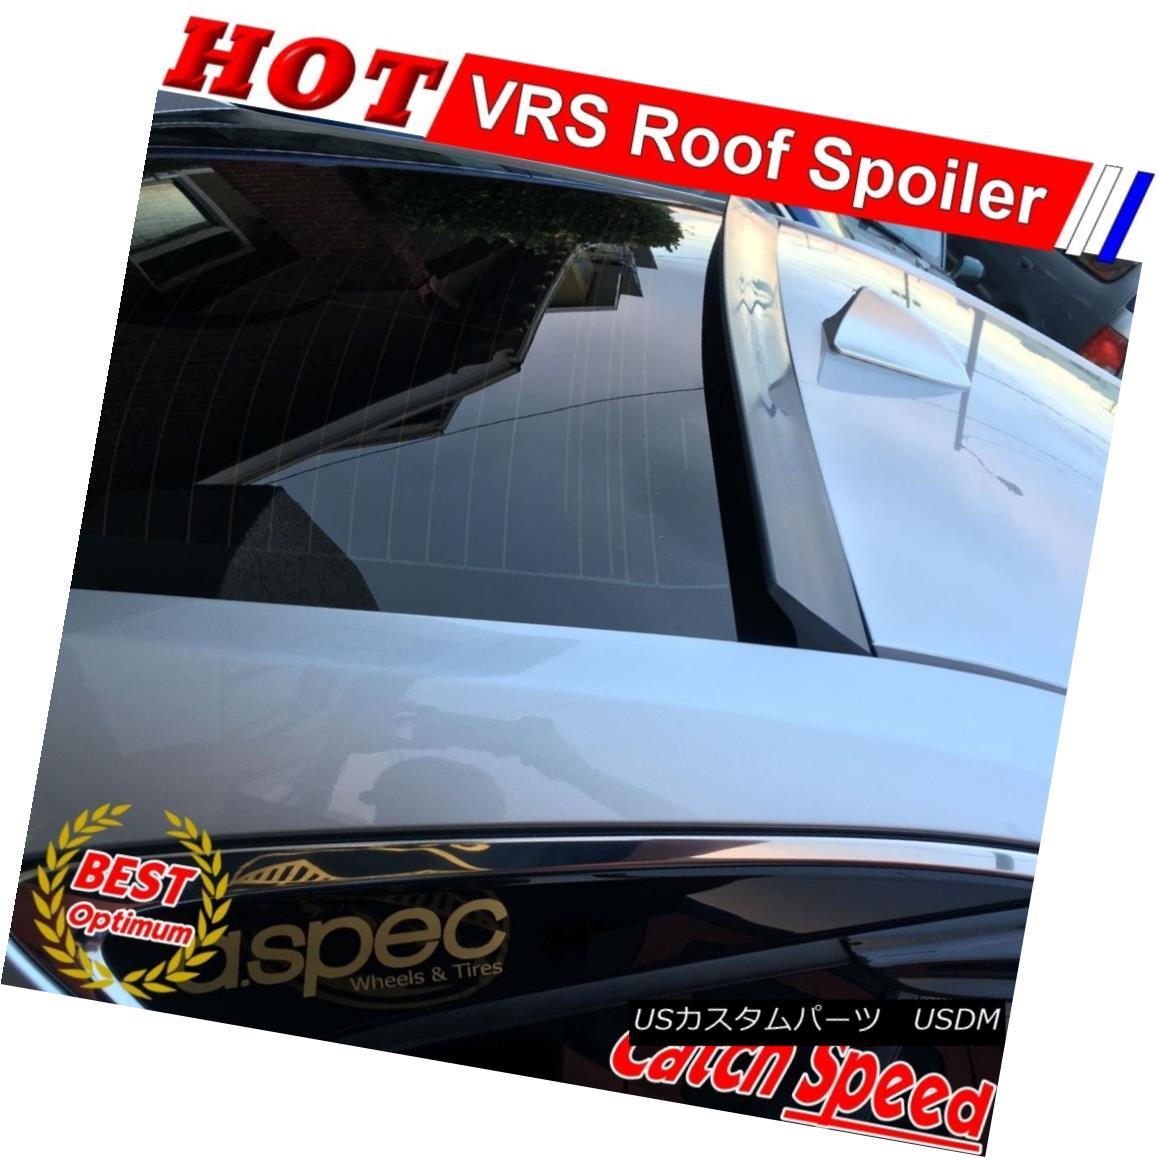 エアロパーツ Painted VRS Type Rear Window Roof Spoiler For Chrysler Crossfire Coupe 2003-08 塗装VRSタイプリアウィンドウルーフスポイラークライスラークロスファイアクーペ2003-08